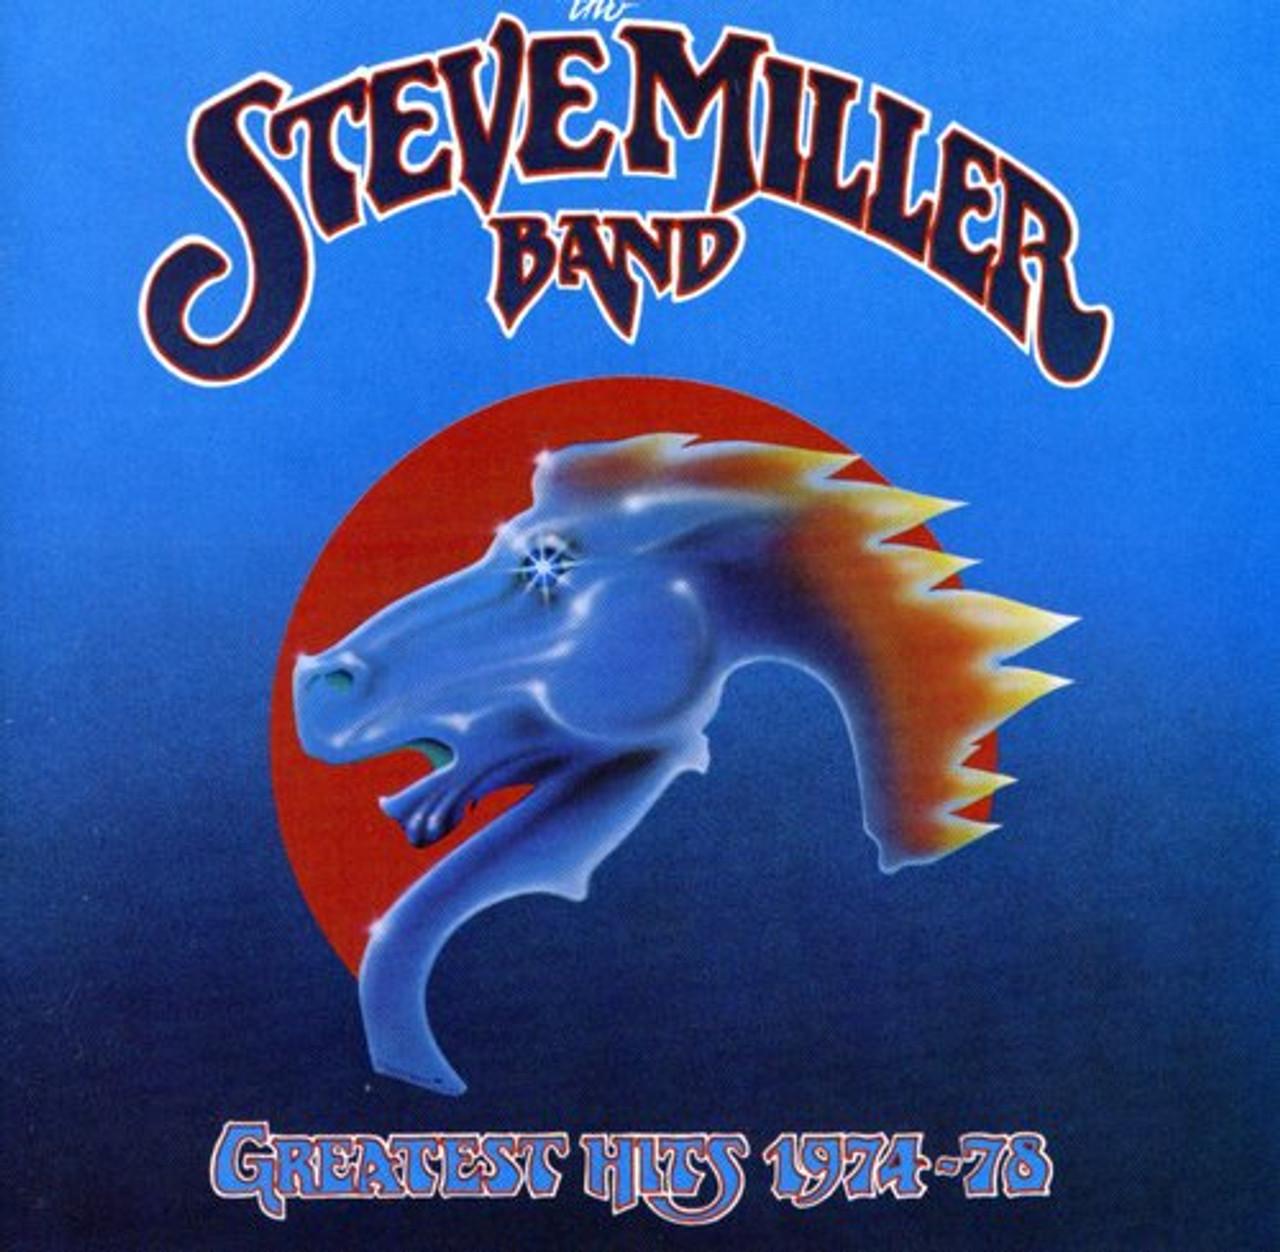 MILLER,STEVE Greatest Hits: 1974-78